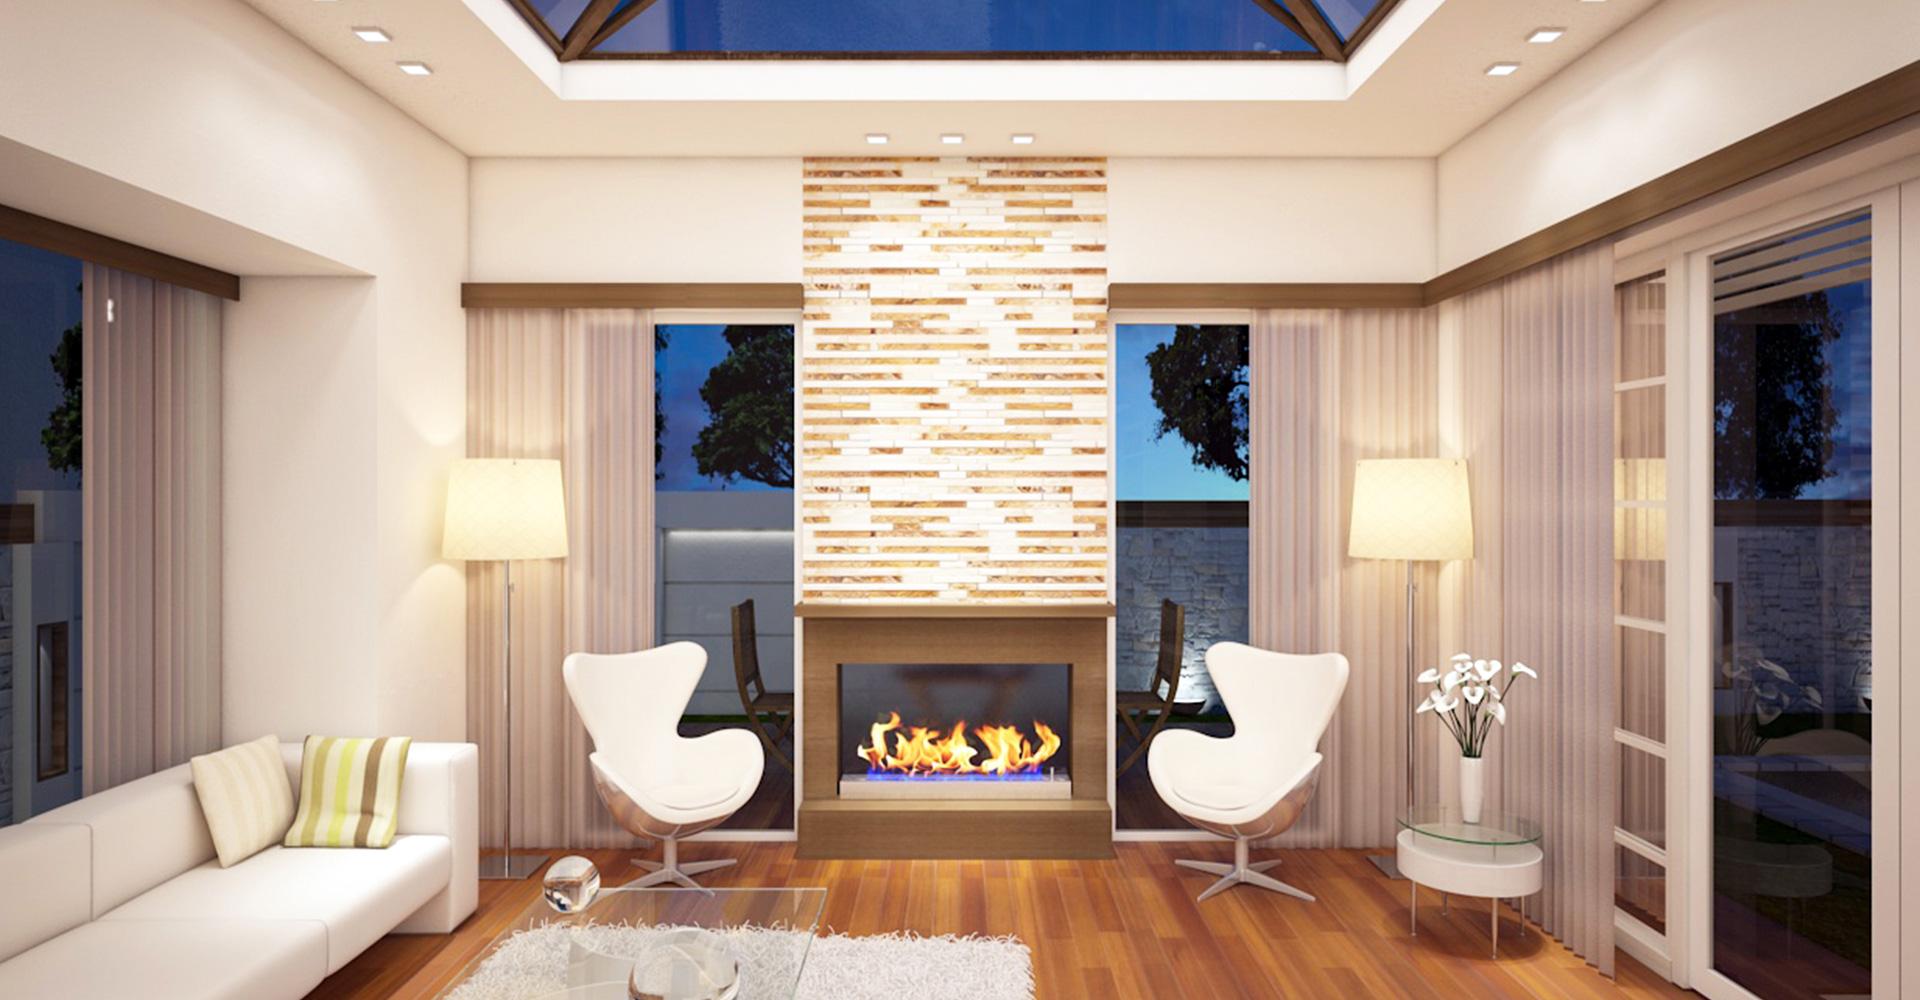 Residential-Interior-Design-Hiline-Lahore-portfolio-65J-DHA-EME-05 (62)